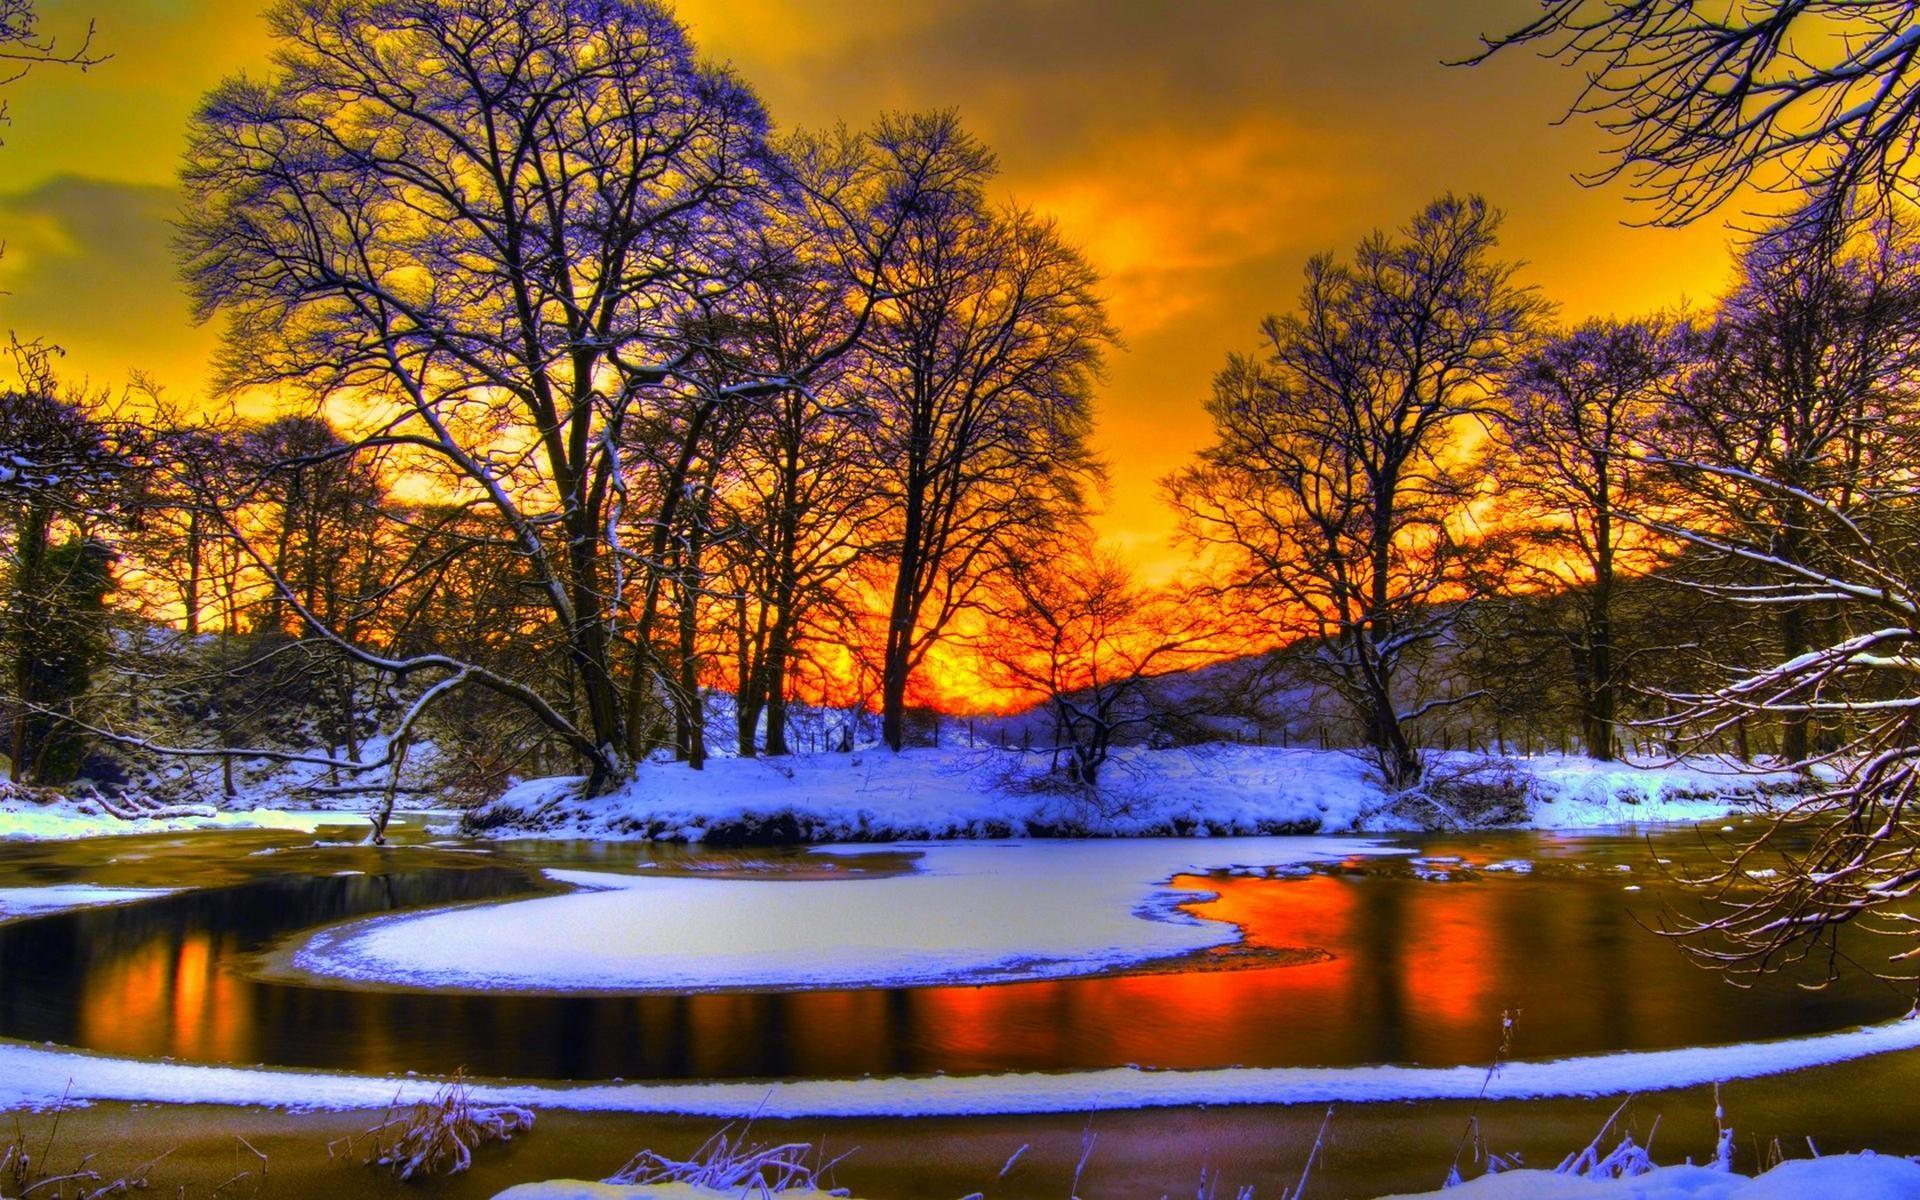 Winter-Sunset-Desktop-Wallpaper